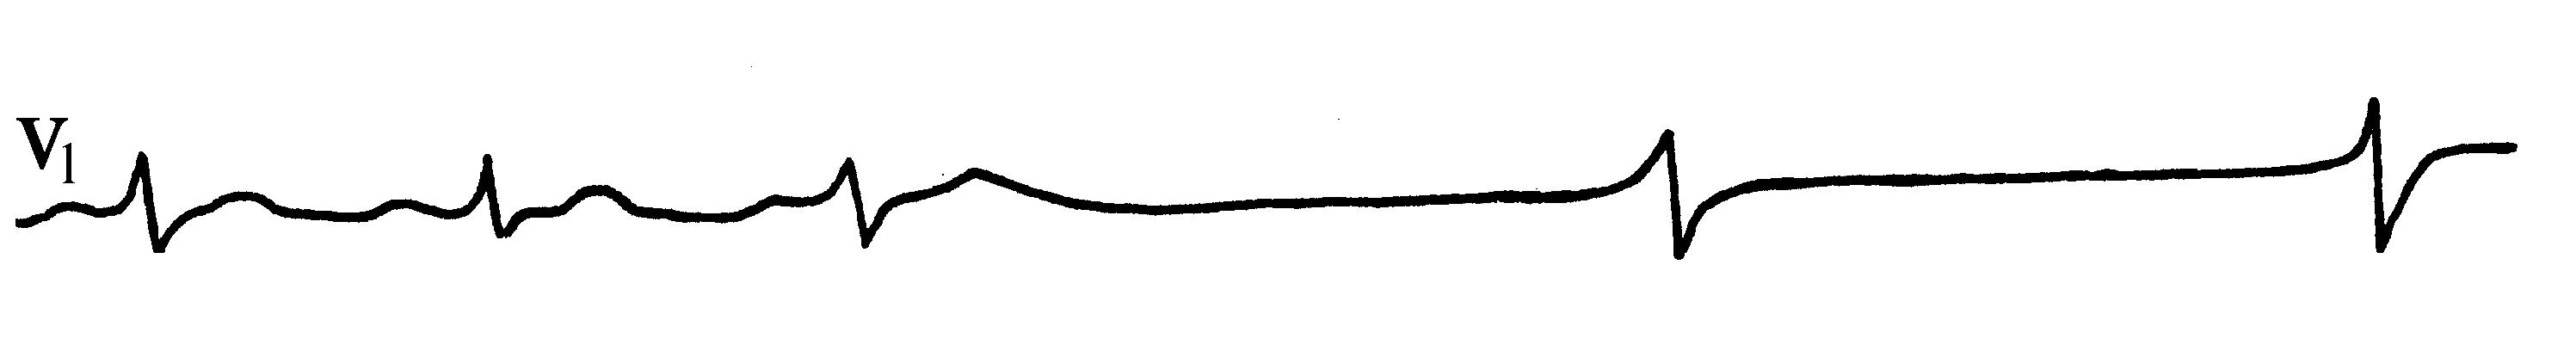 Описание экг при мерцательной аритмии